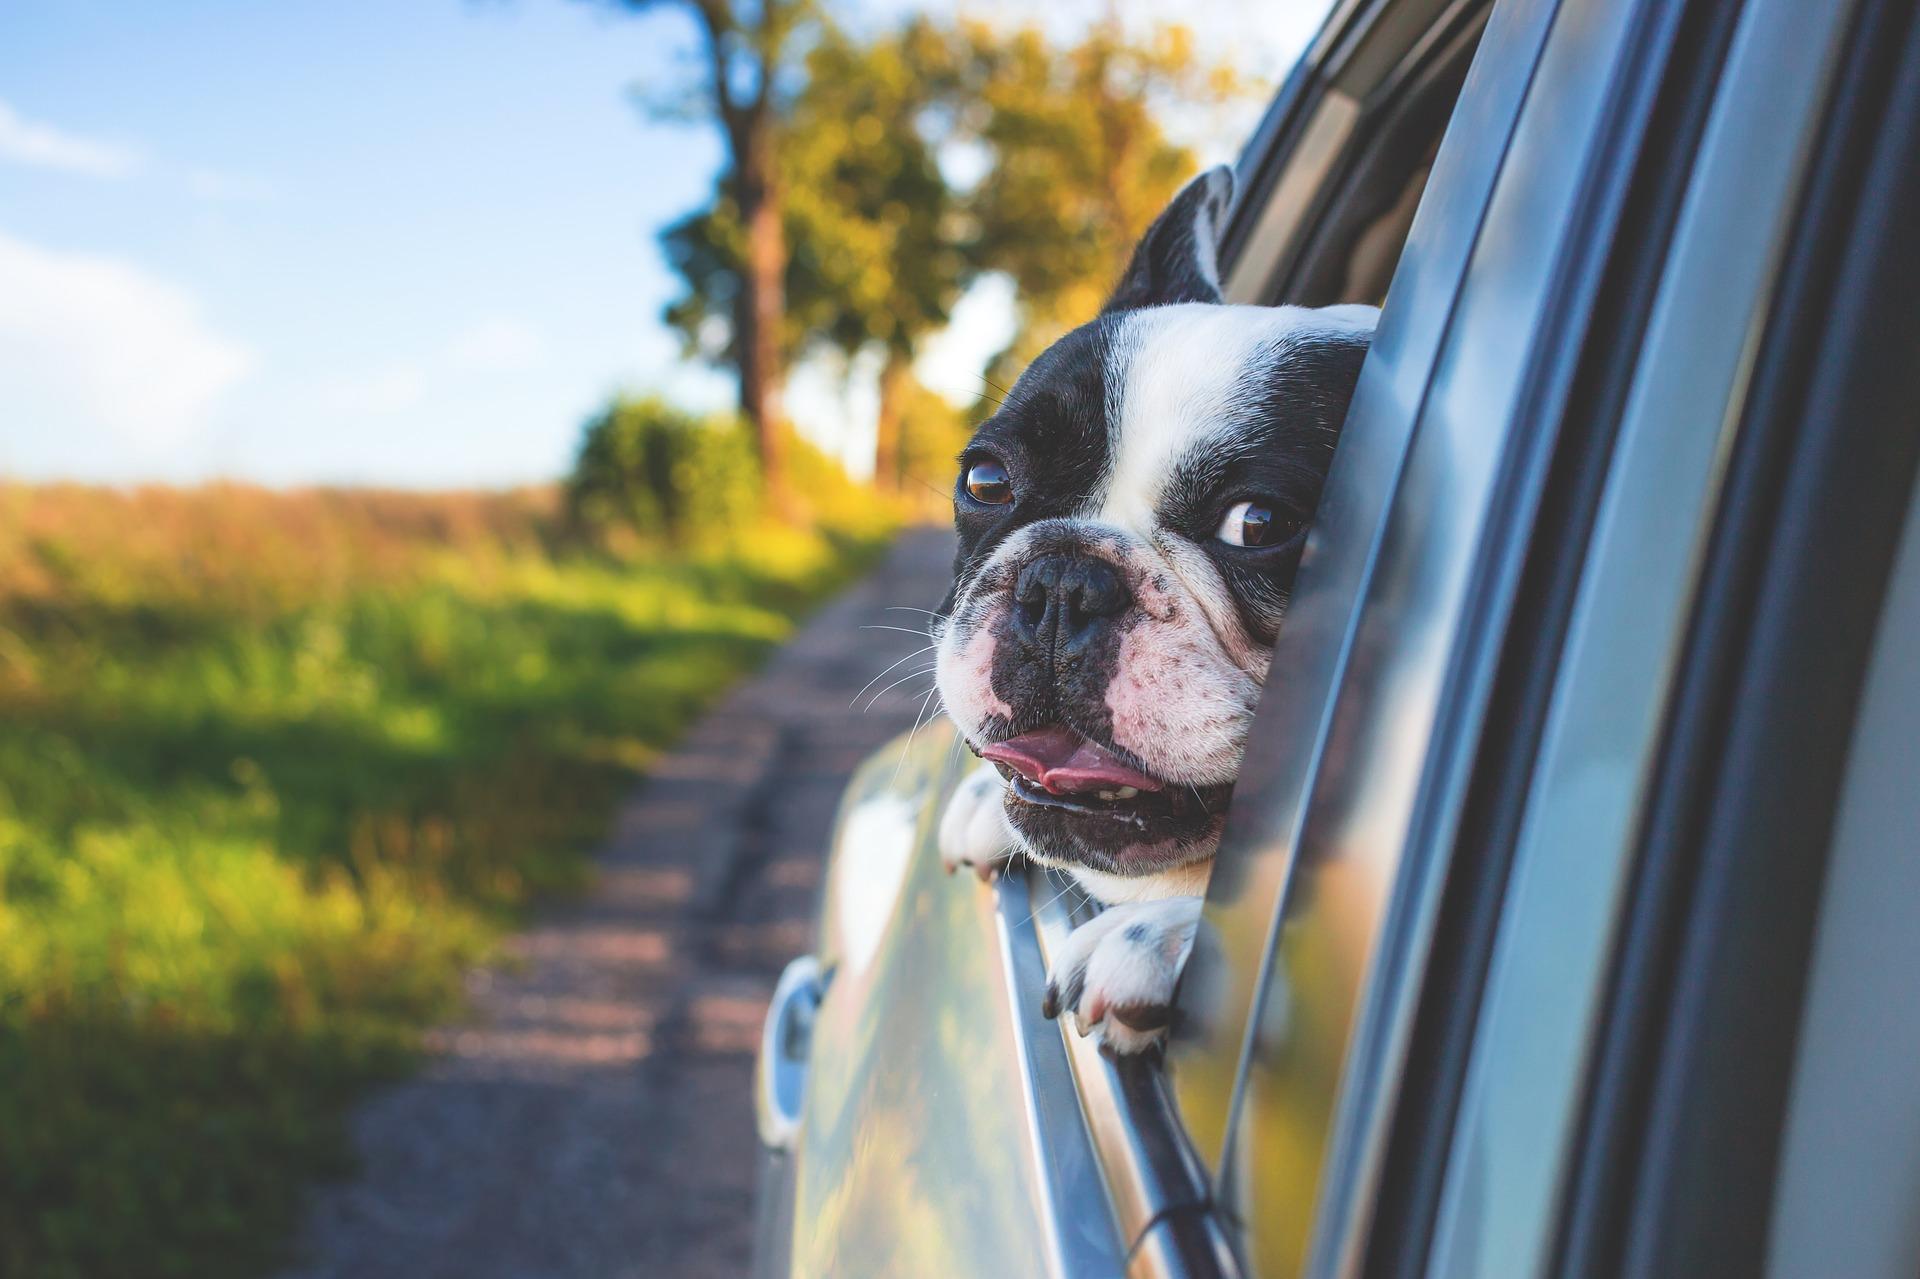 Buldożek wystawiający głowę przez okno samochodu //fot. Pexels z Pixabay.com